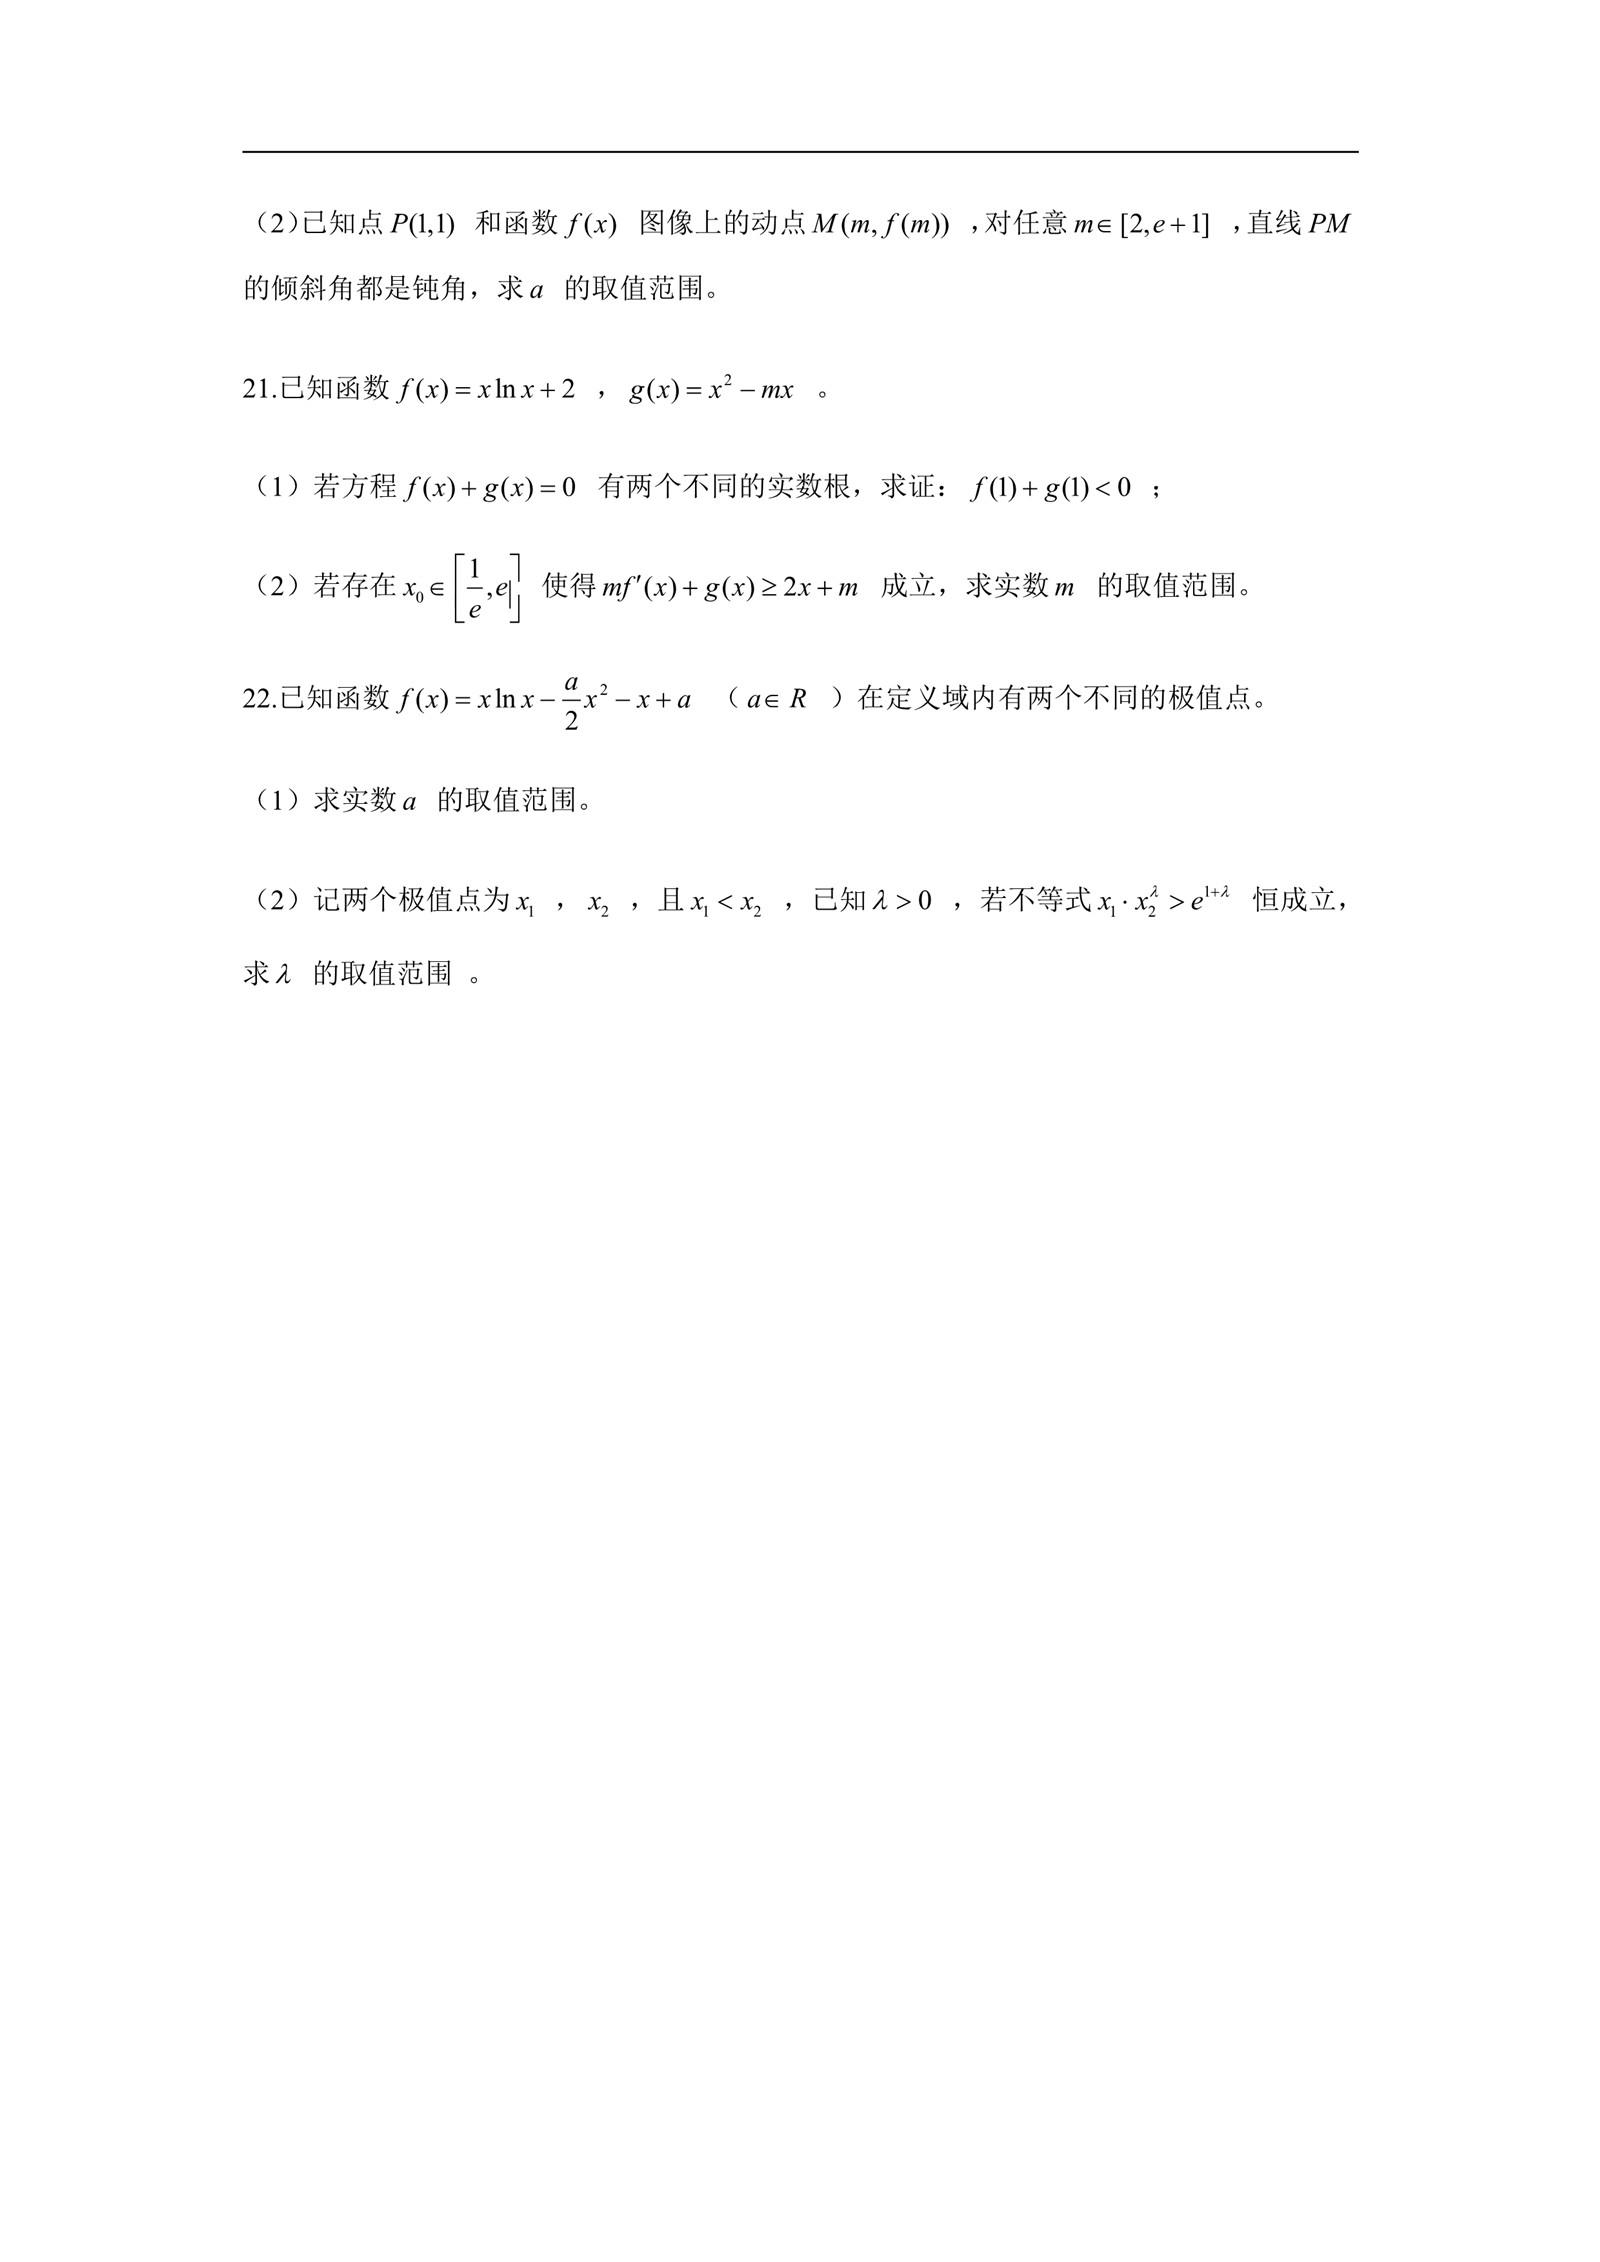 深圳高级中学2018-2019学年高三年级上学期第一次考试数学(理)试卷及答案_4.jpg.jpg